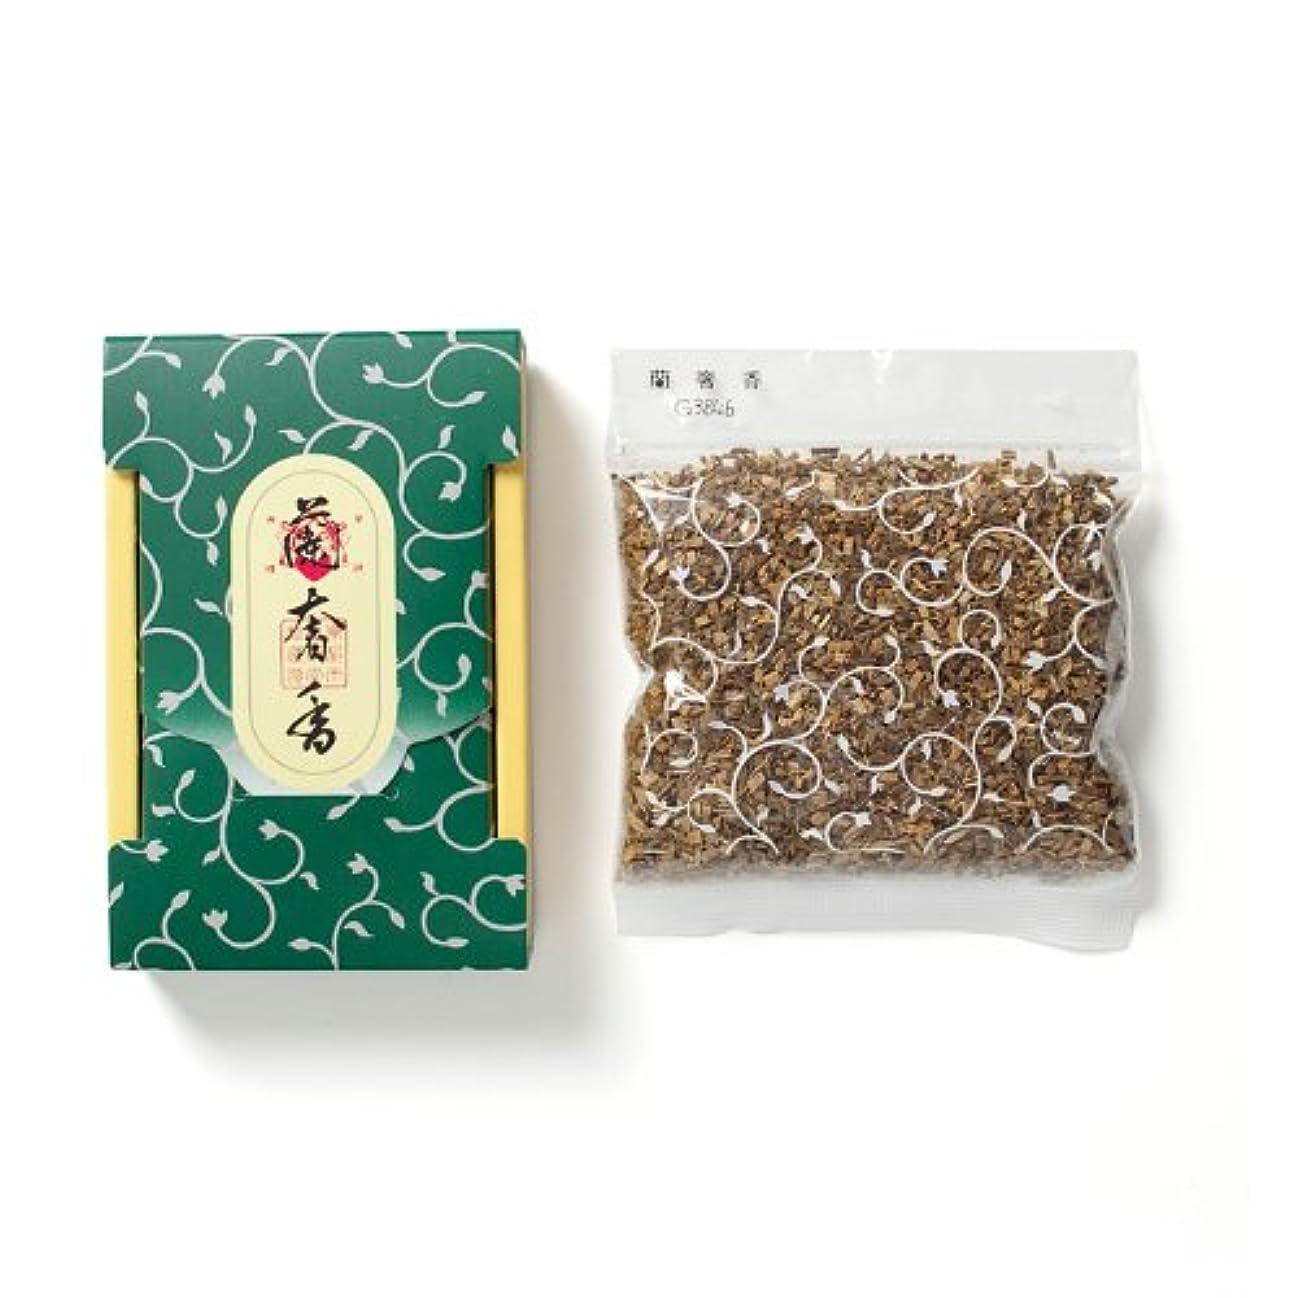 実行可能原始的な構想する松栄堂のお焼香 蘭奢香 25g詰 小箱入 #410741